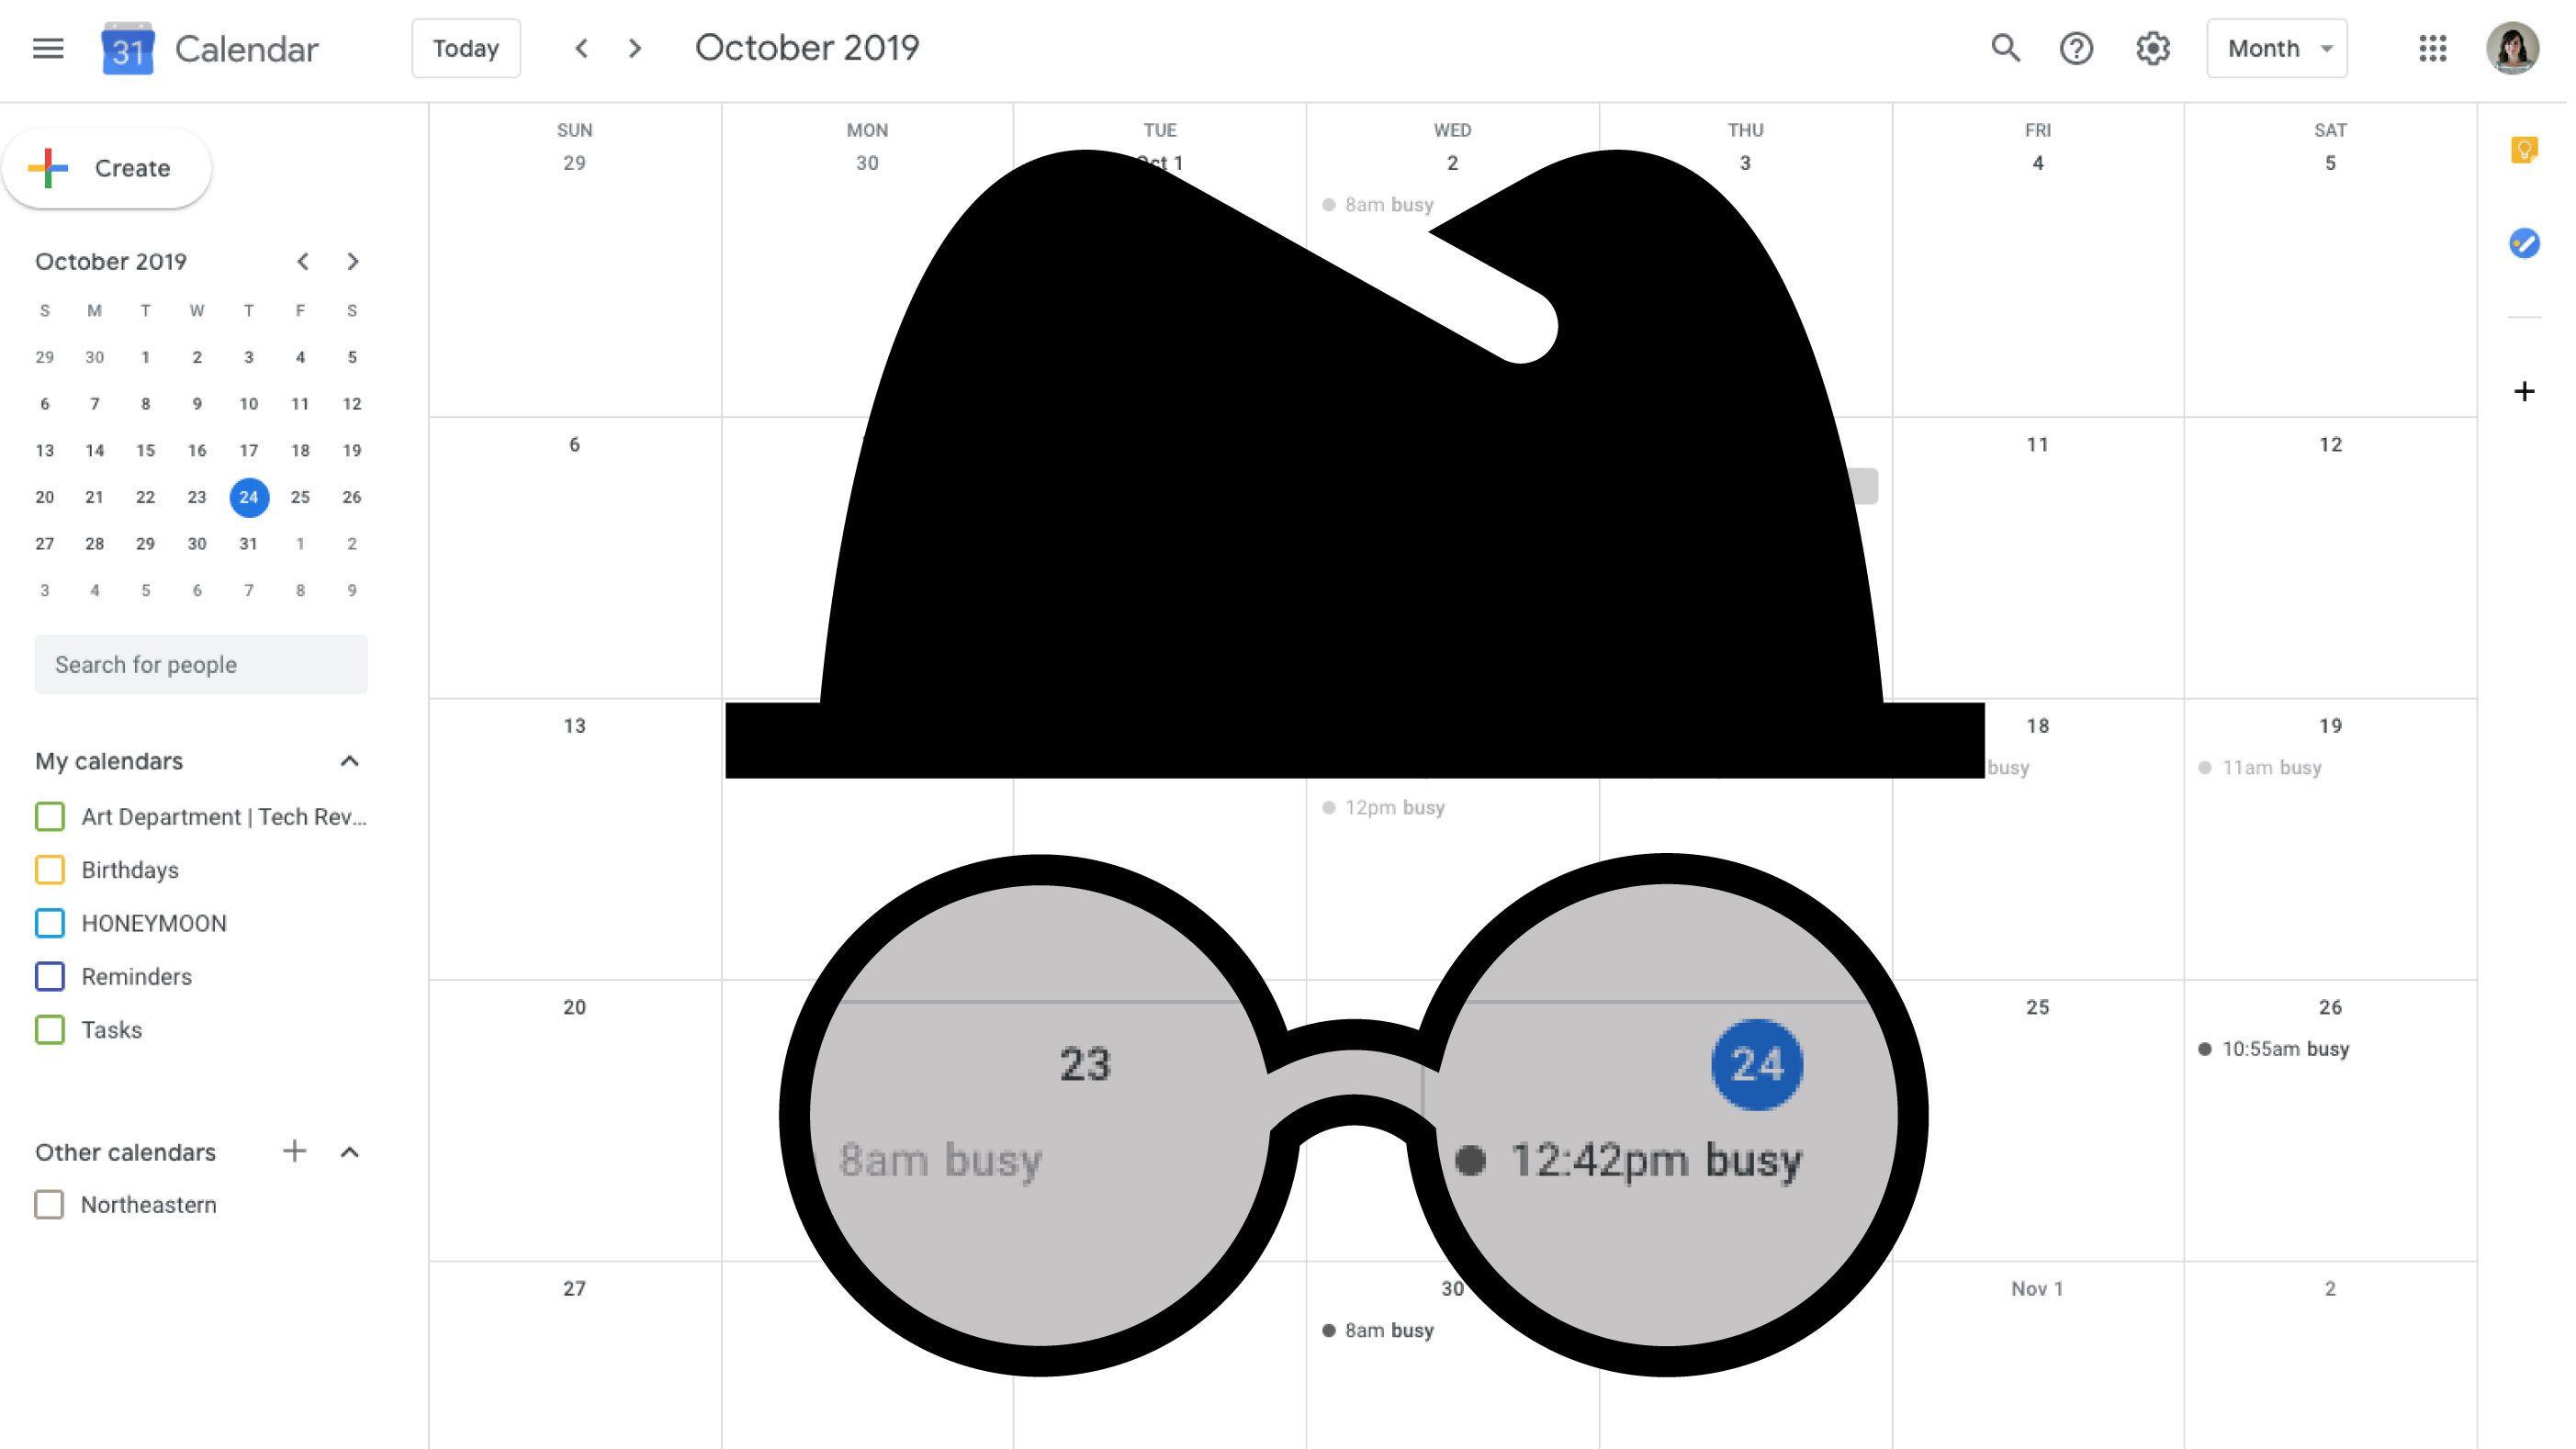 グーグル従業員「カレンダー拡張機能で監視」主張には無理がある